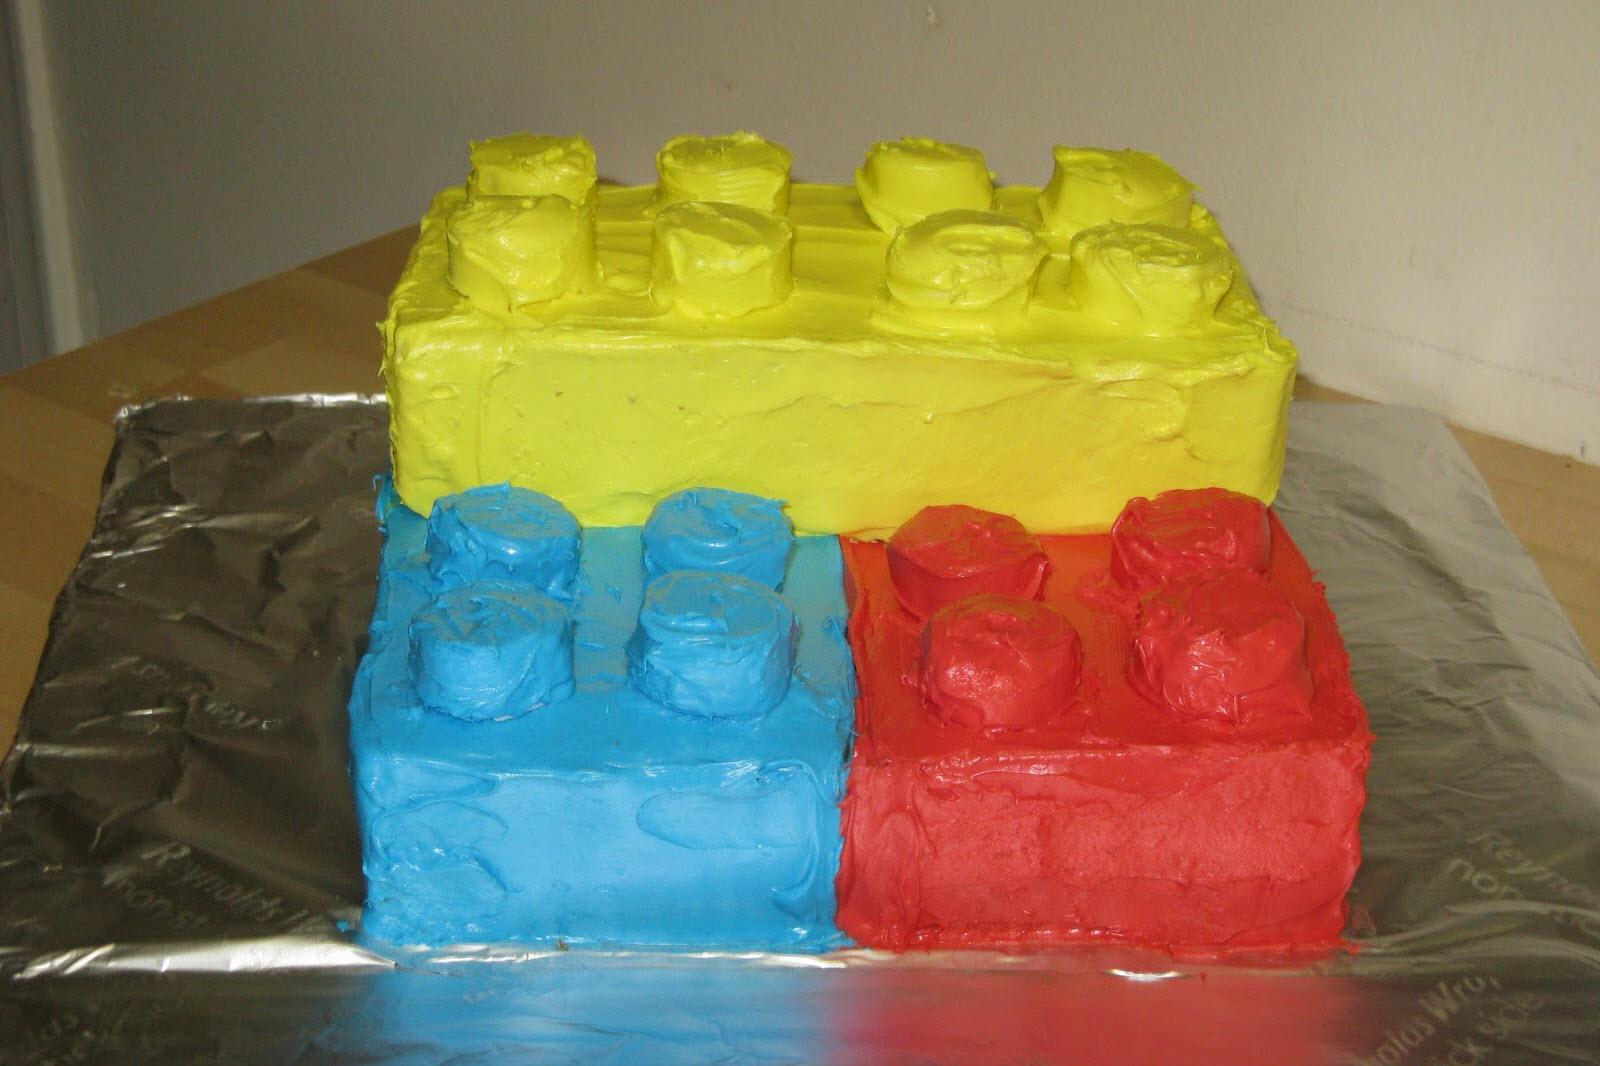 Go Go Lego Great Ideas For A Lego Themed Birthday Party